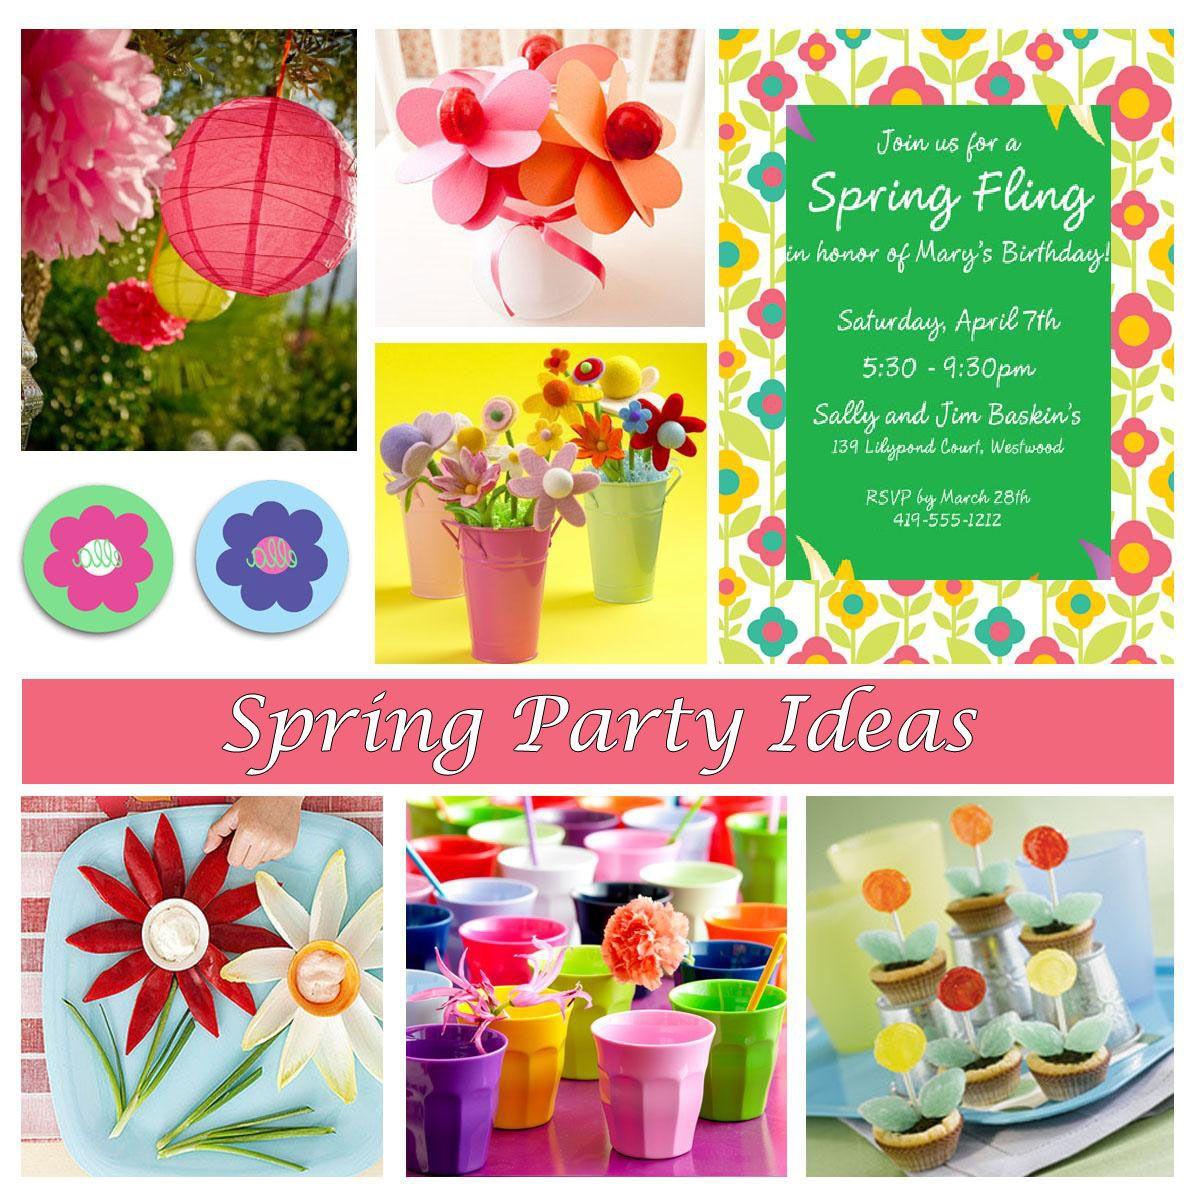 Spring party ideas theme